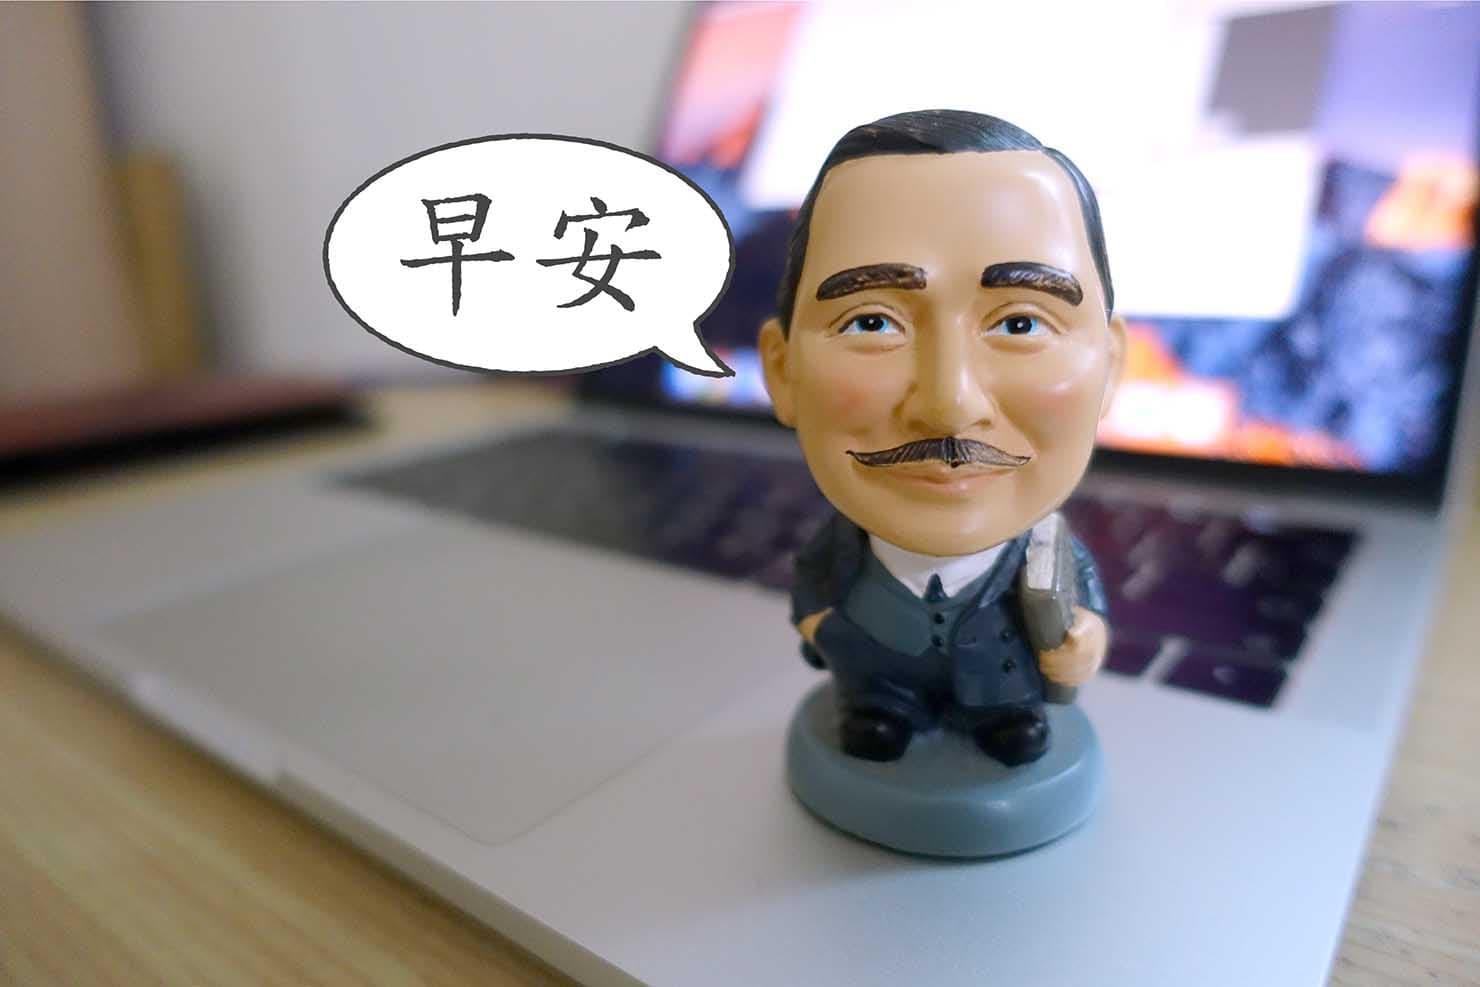 台湾でよく使われる中国語の挨拶「早安(ザオアン / おはようございます)」